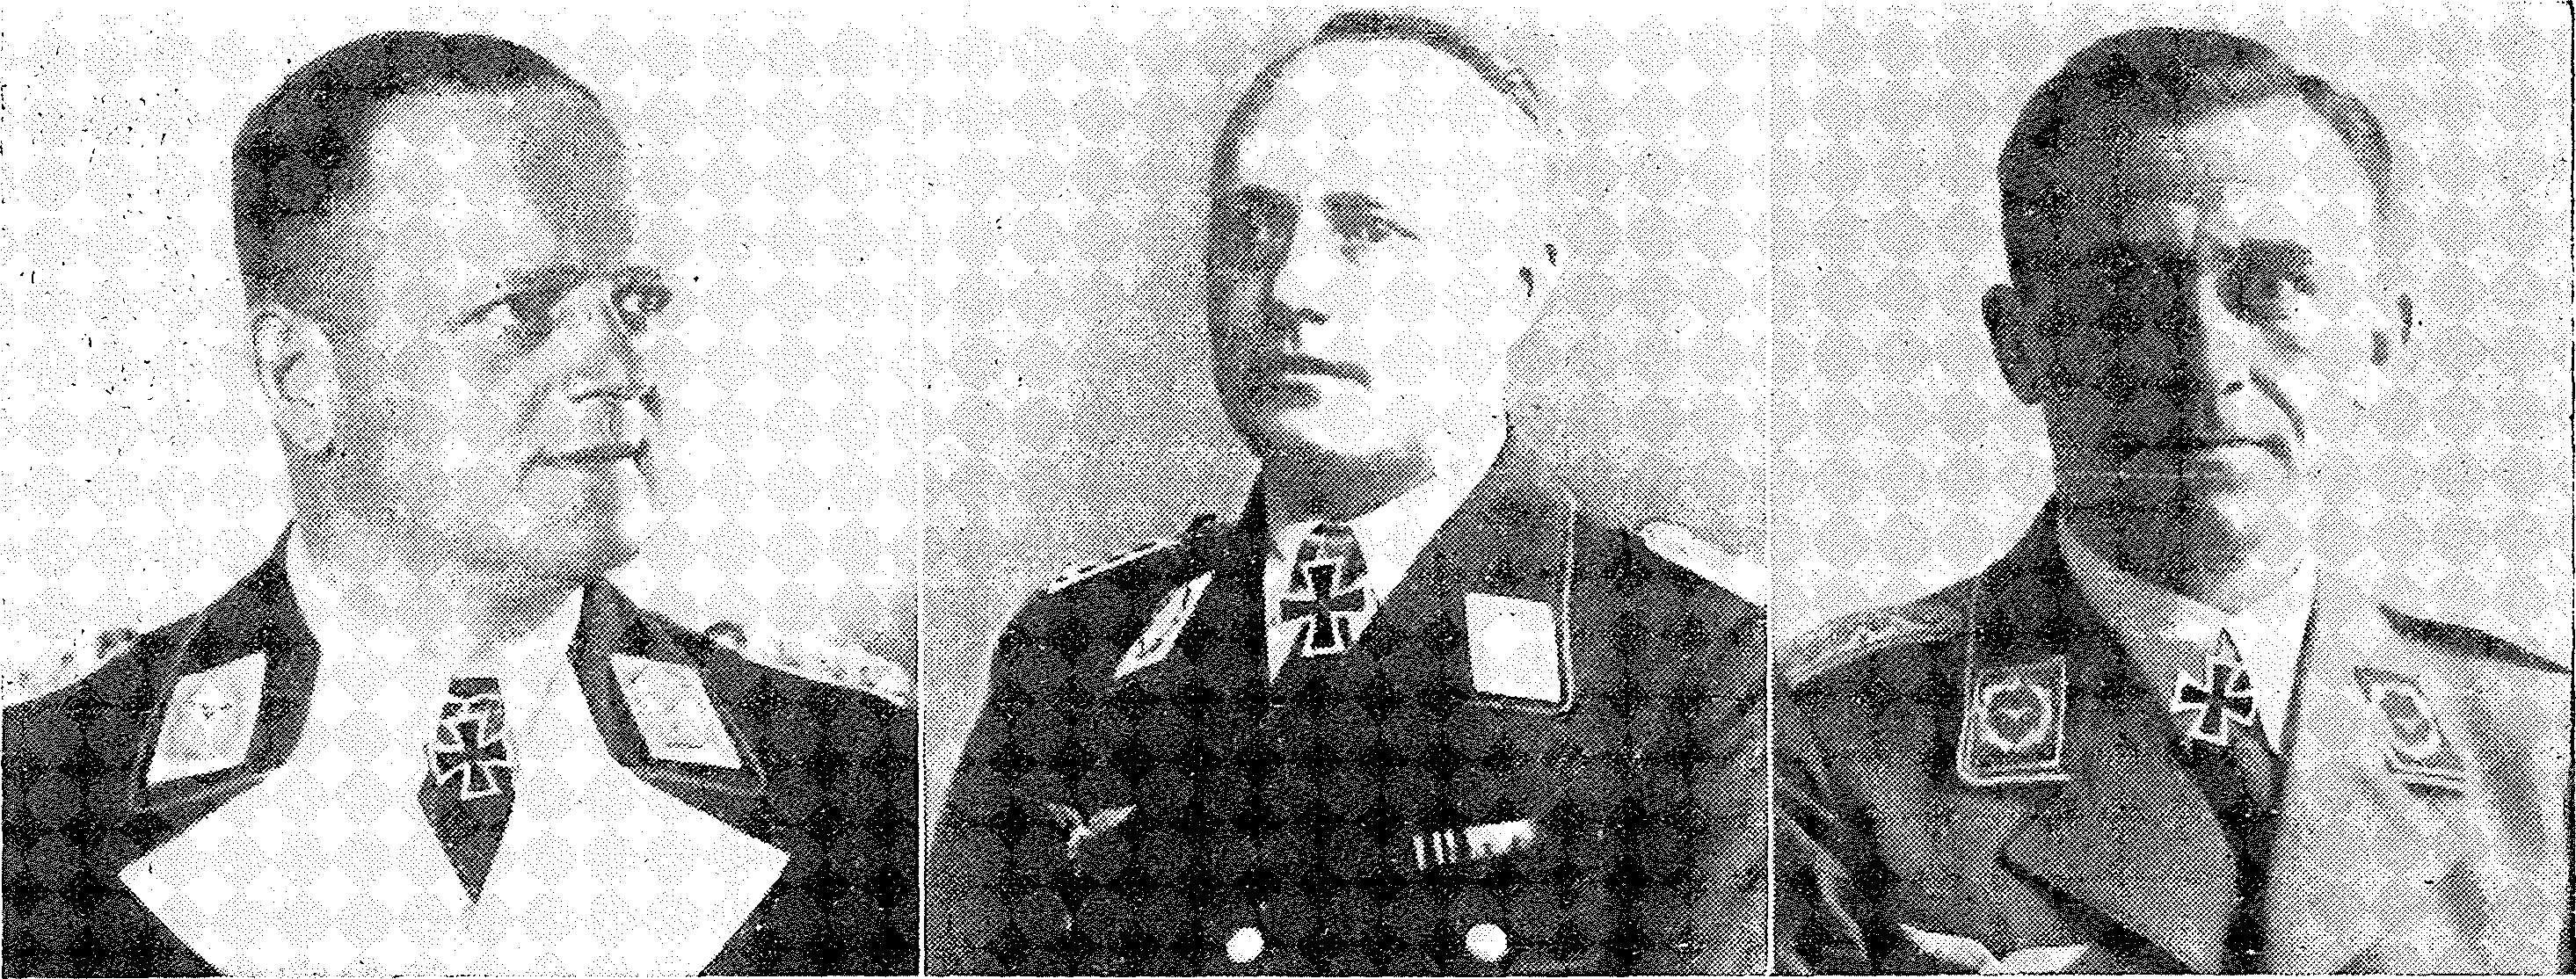 Luftfahrt und Luftwaffe im Zweiten Weltkrieg 1940